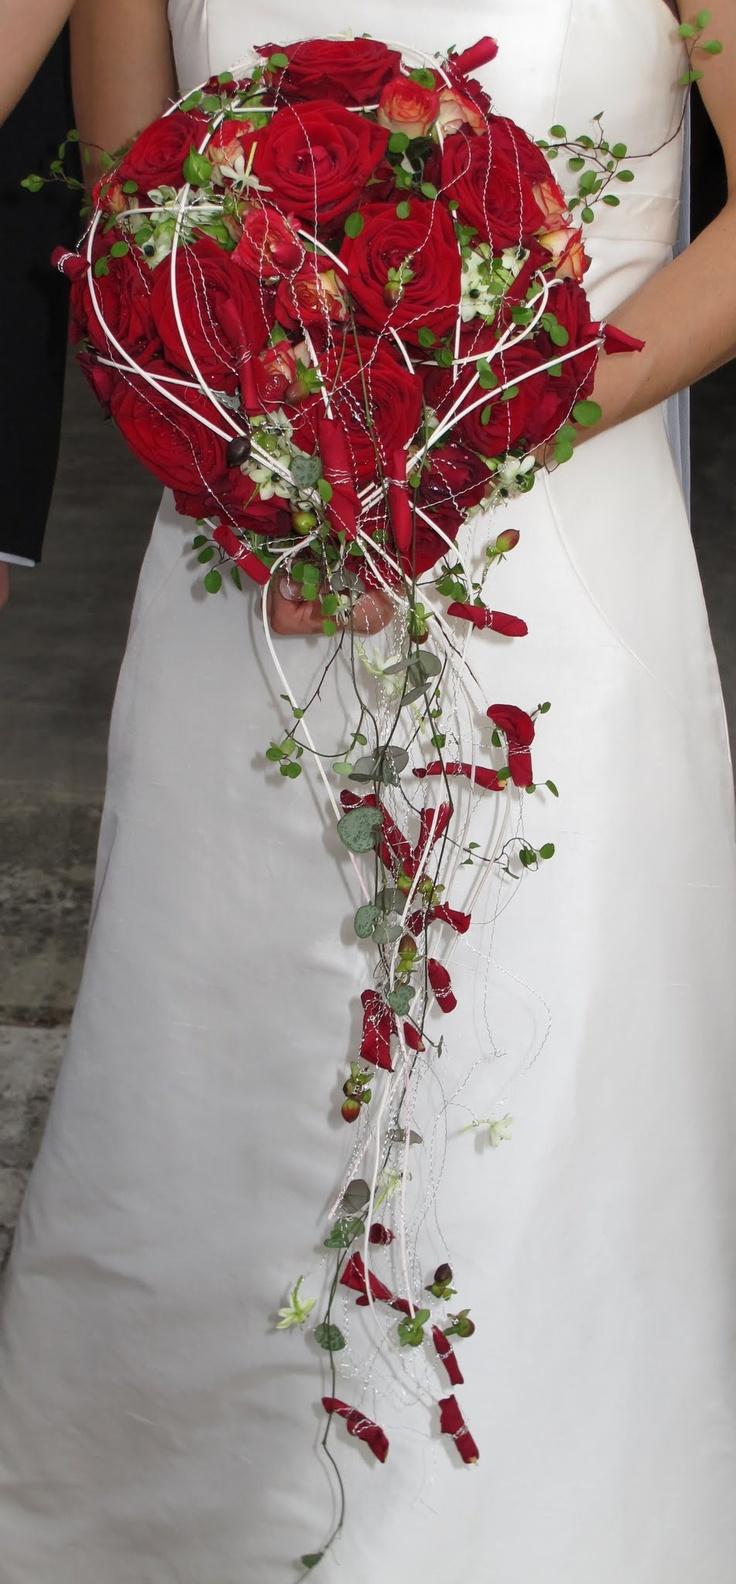 les 22 meilleures images propos de bouquet mari e sur pinterest mariage bouquet de noce. Black Bedroom Furniture Sets. Home Design Ideas